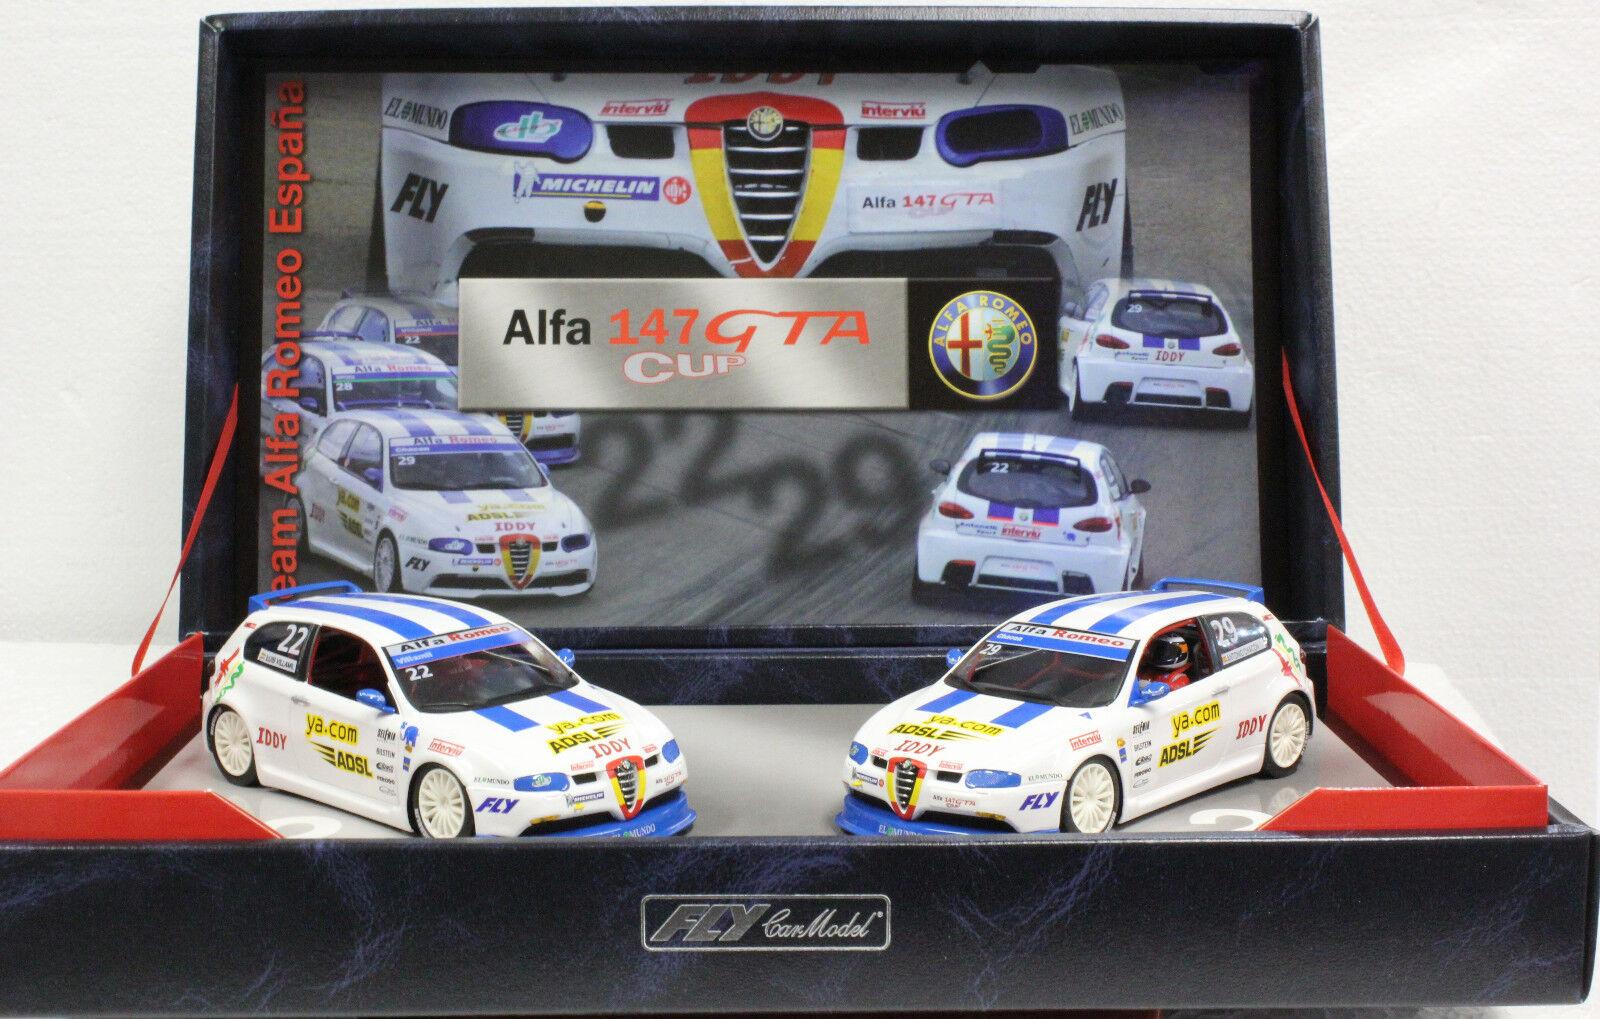 Alfa 147 gta - cup fliegt team 08 w   2 alfa ist neuer 1   32 - autos im anzeigebereich